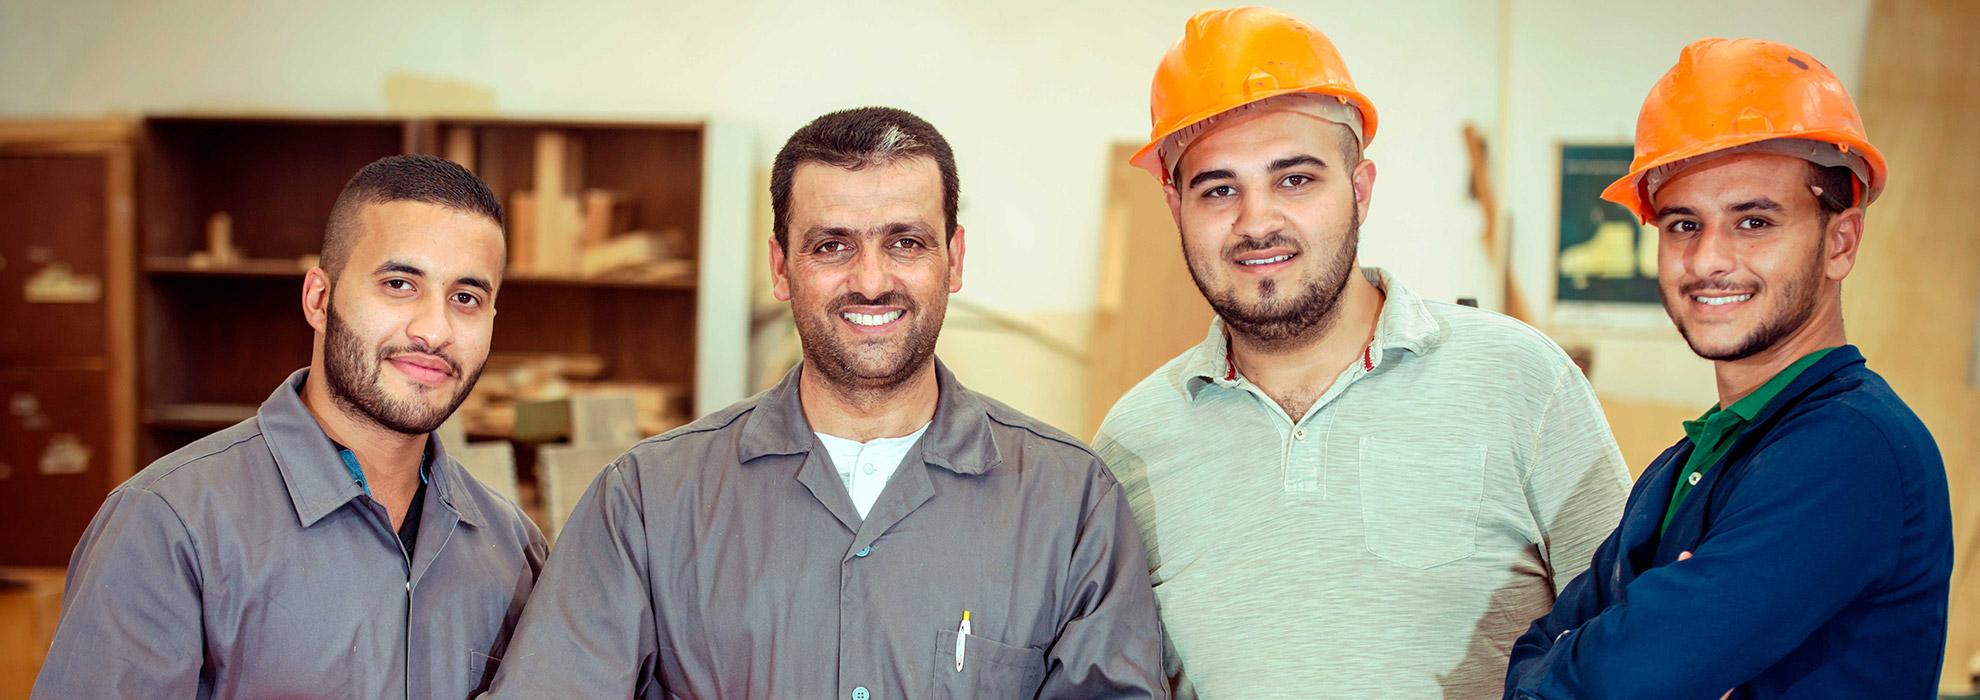 Industrias1 | Soluciones en Lavandería para Industrias | Hi-Wash - Soluciones de Lavado, Secado y Planchado